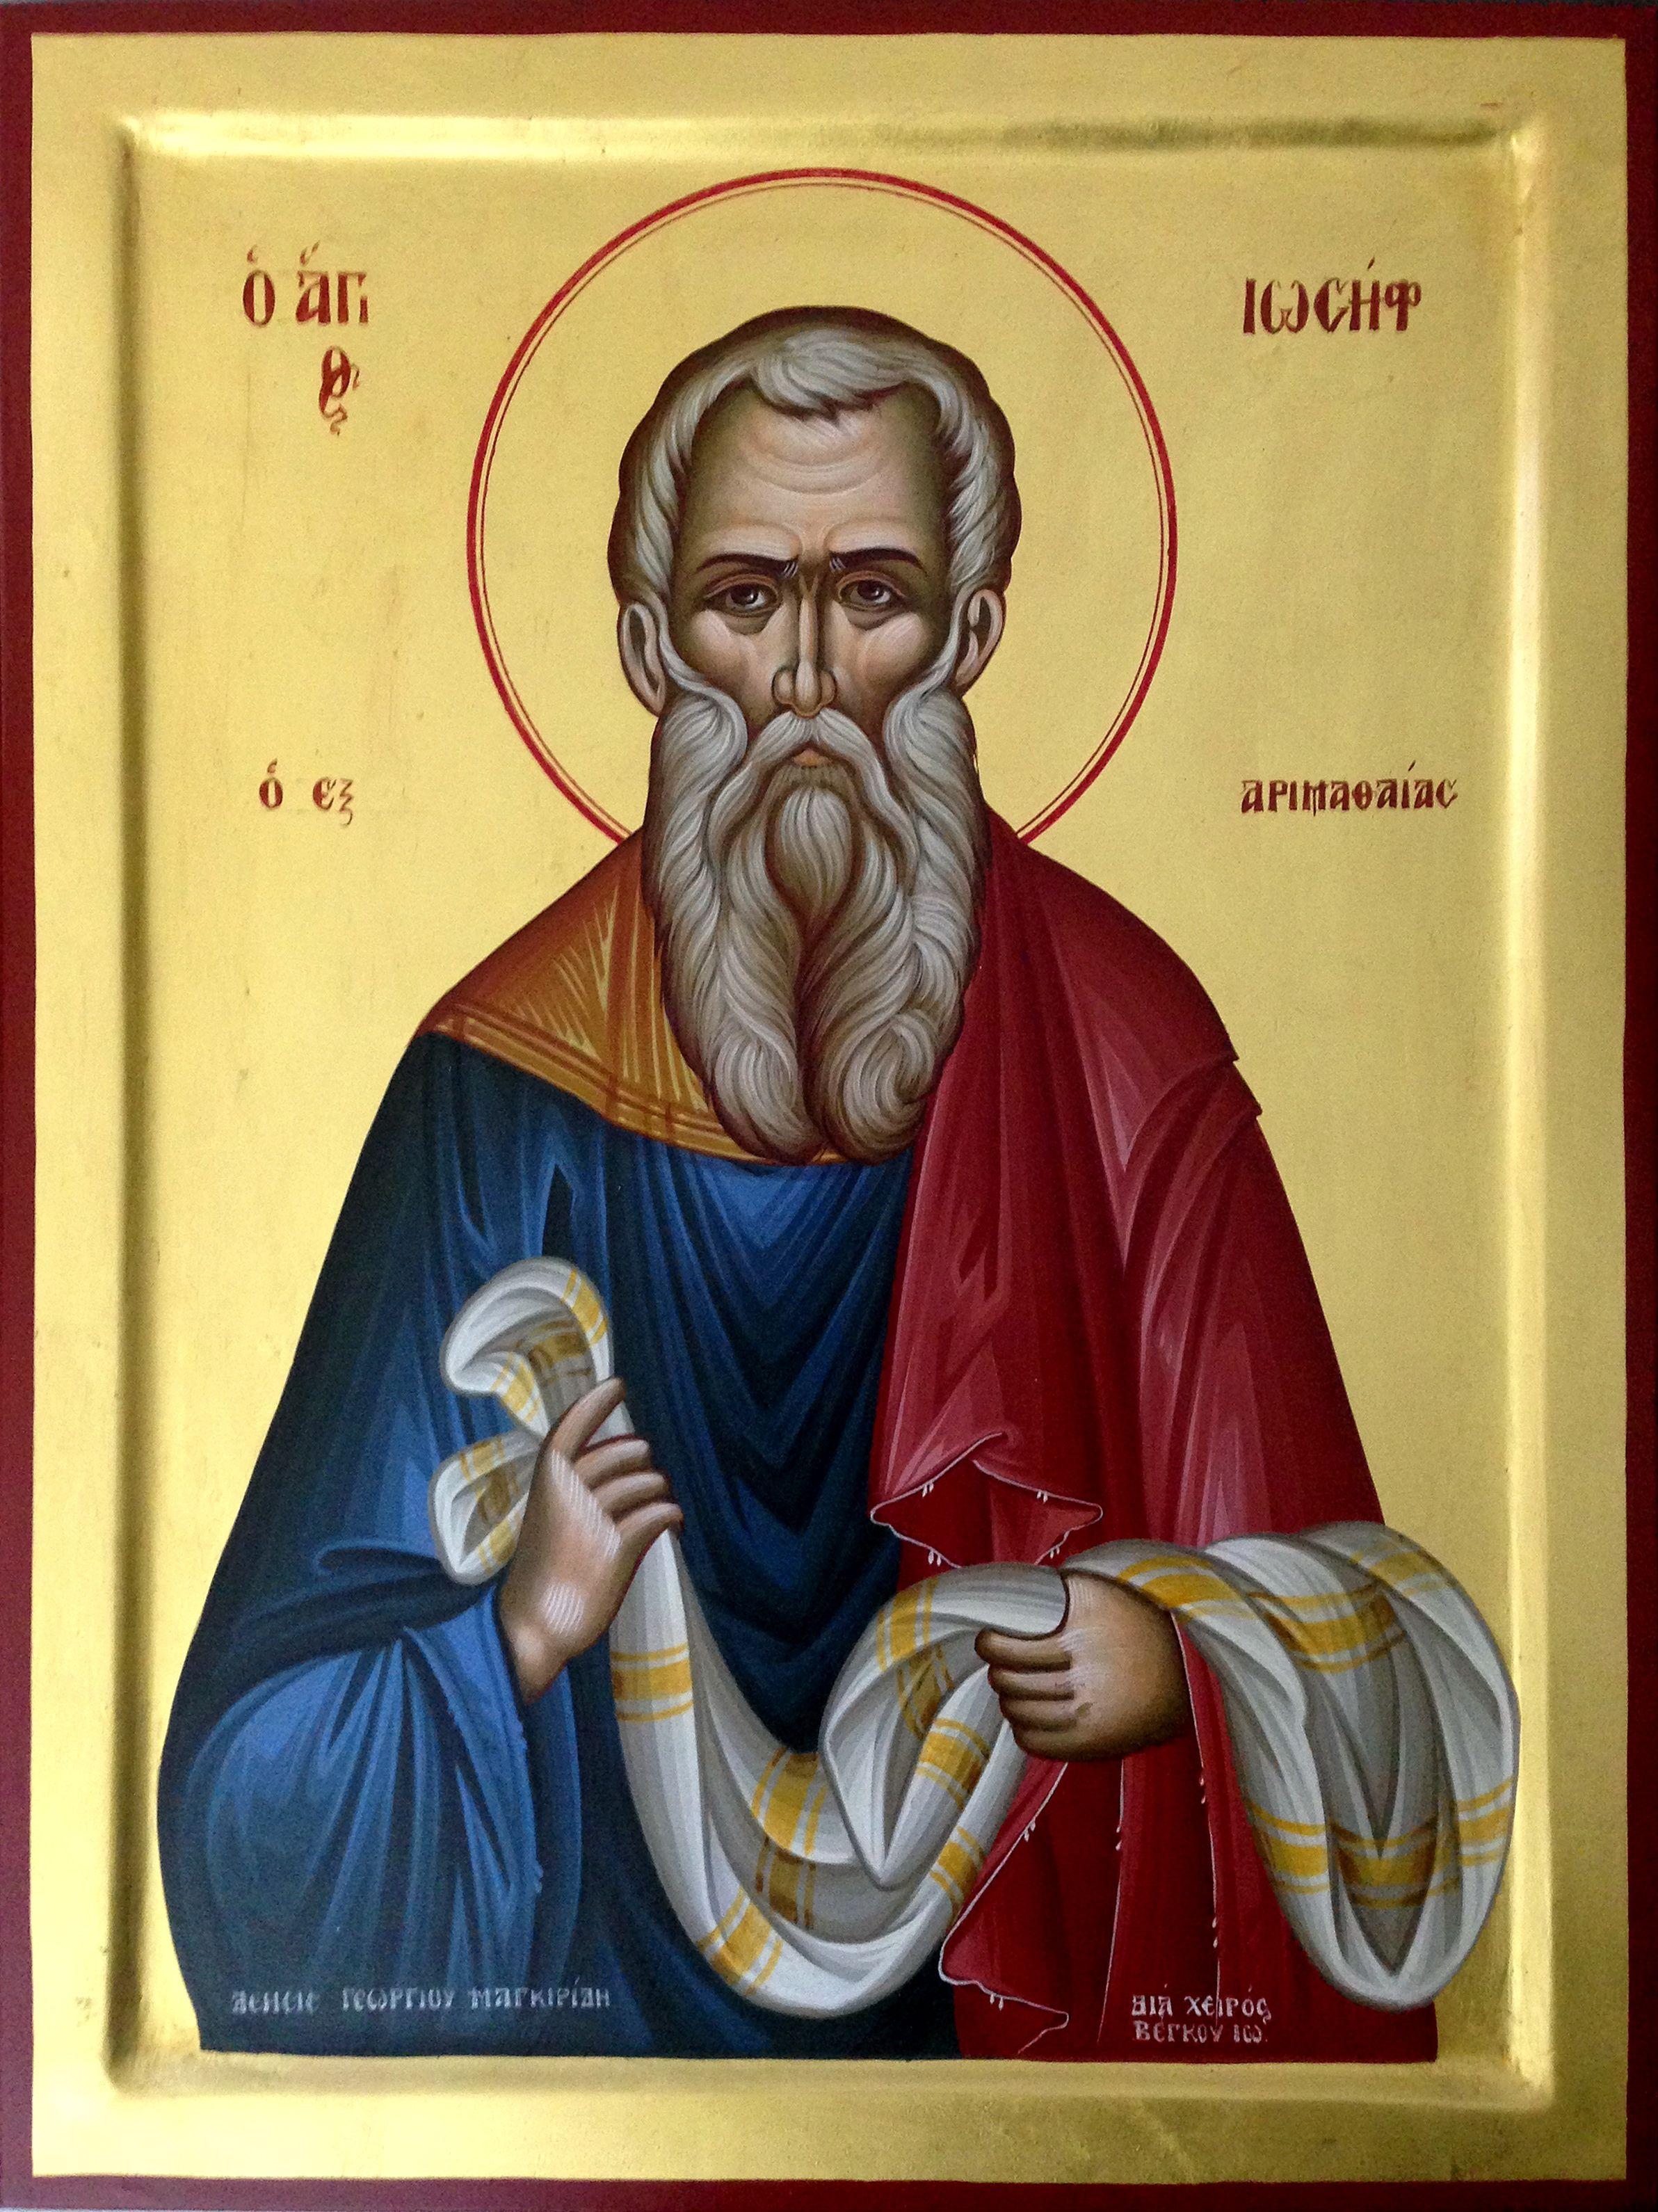 Άγιος Ιωσήφ ο από Αριμαθαίας | Χριστιανισμός, Εικόνες, Σχέδιο